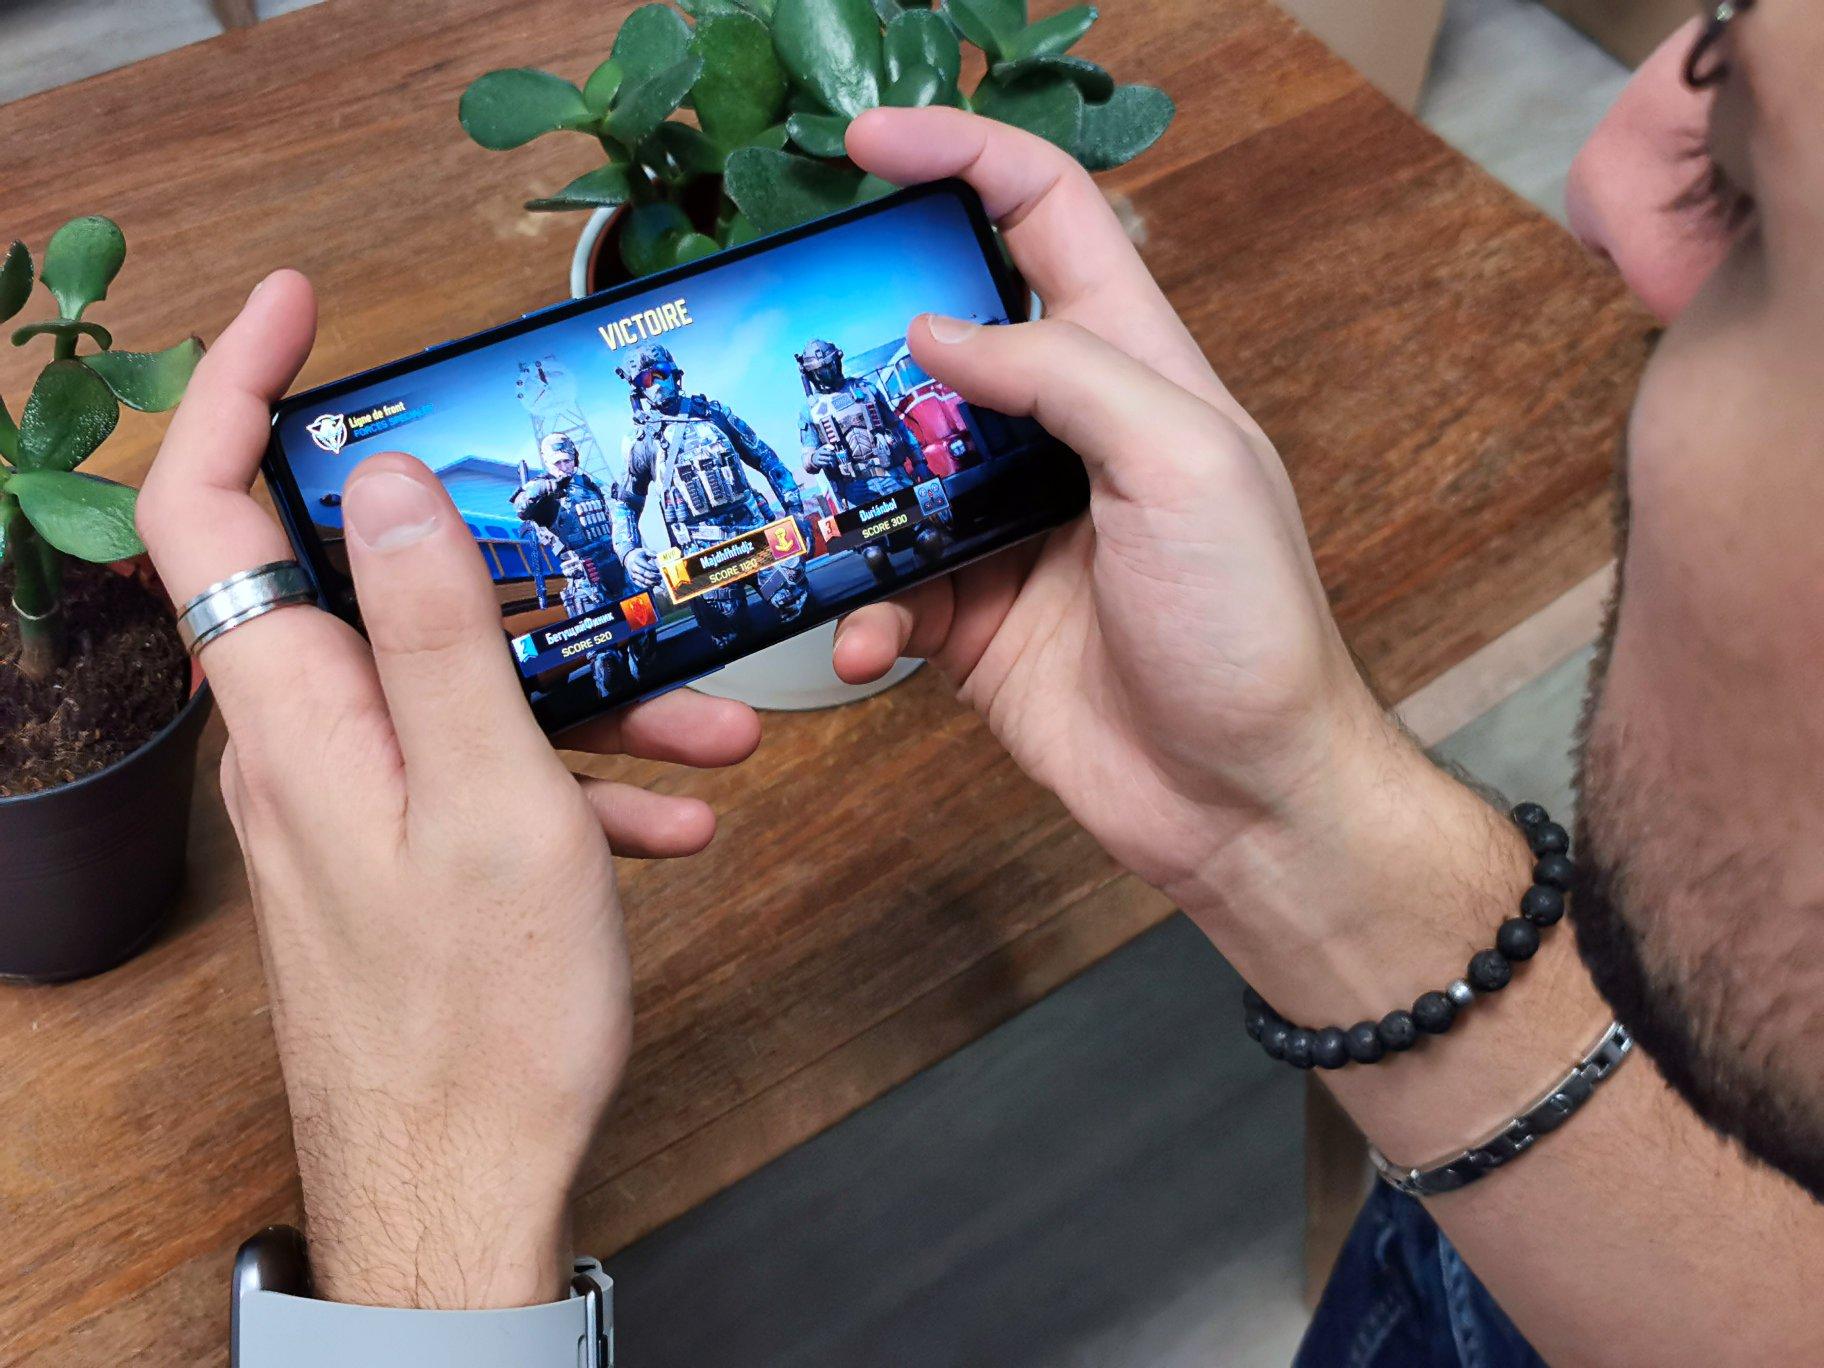 Les Meilleurs Fps Et Tps (Jeux De Tir) Sur Android Et Iphone pour Jeux Gratuit Pour Les Garcon